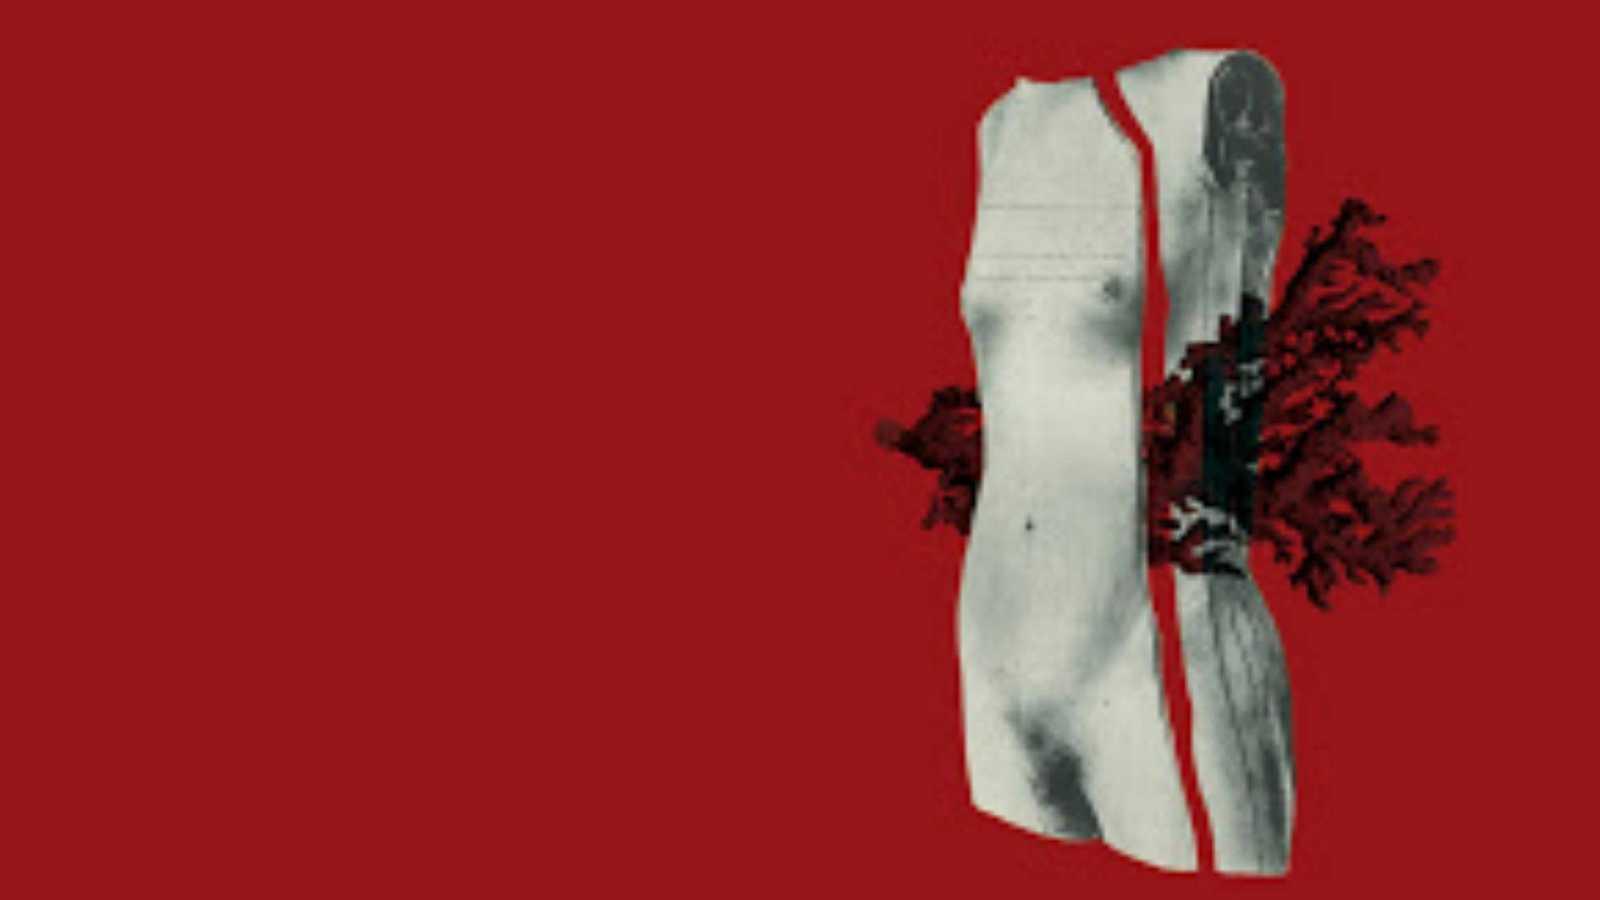 Efecto Doppler - Cristina Rivera Garza y 'La cresta de Ilión' - 14/07/20 - escuchar ahora